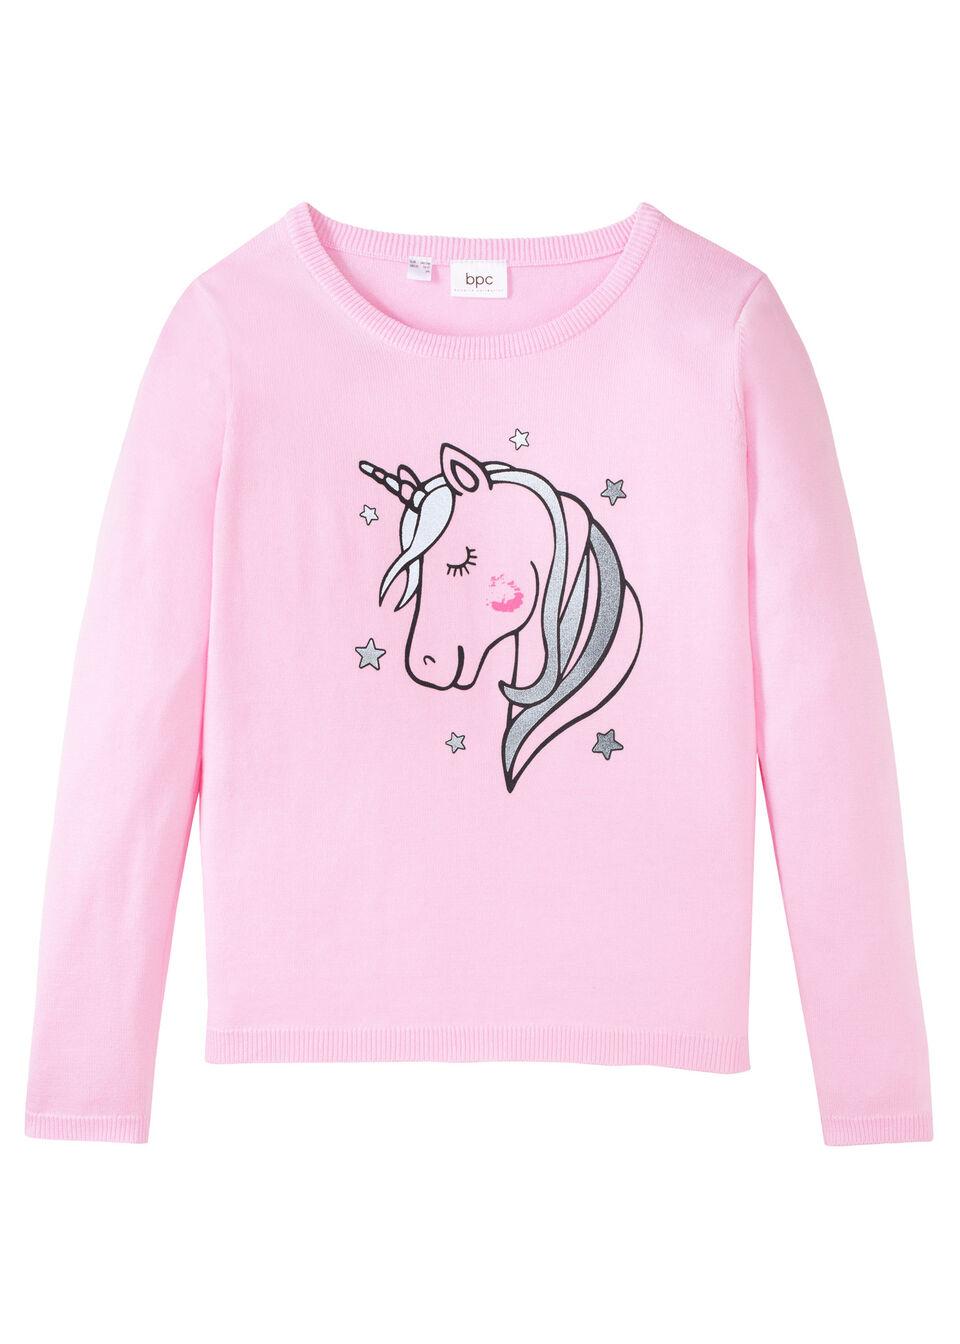 Вязаный пуловер из хлопка с единорогом от bonprix